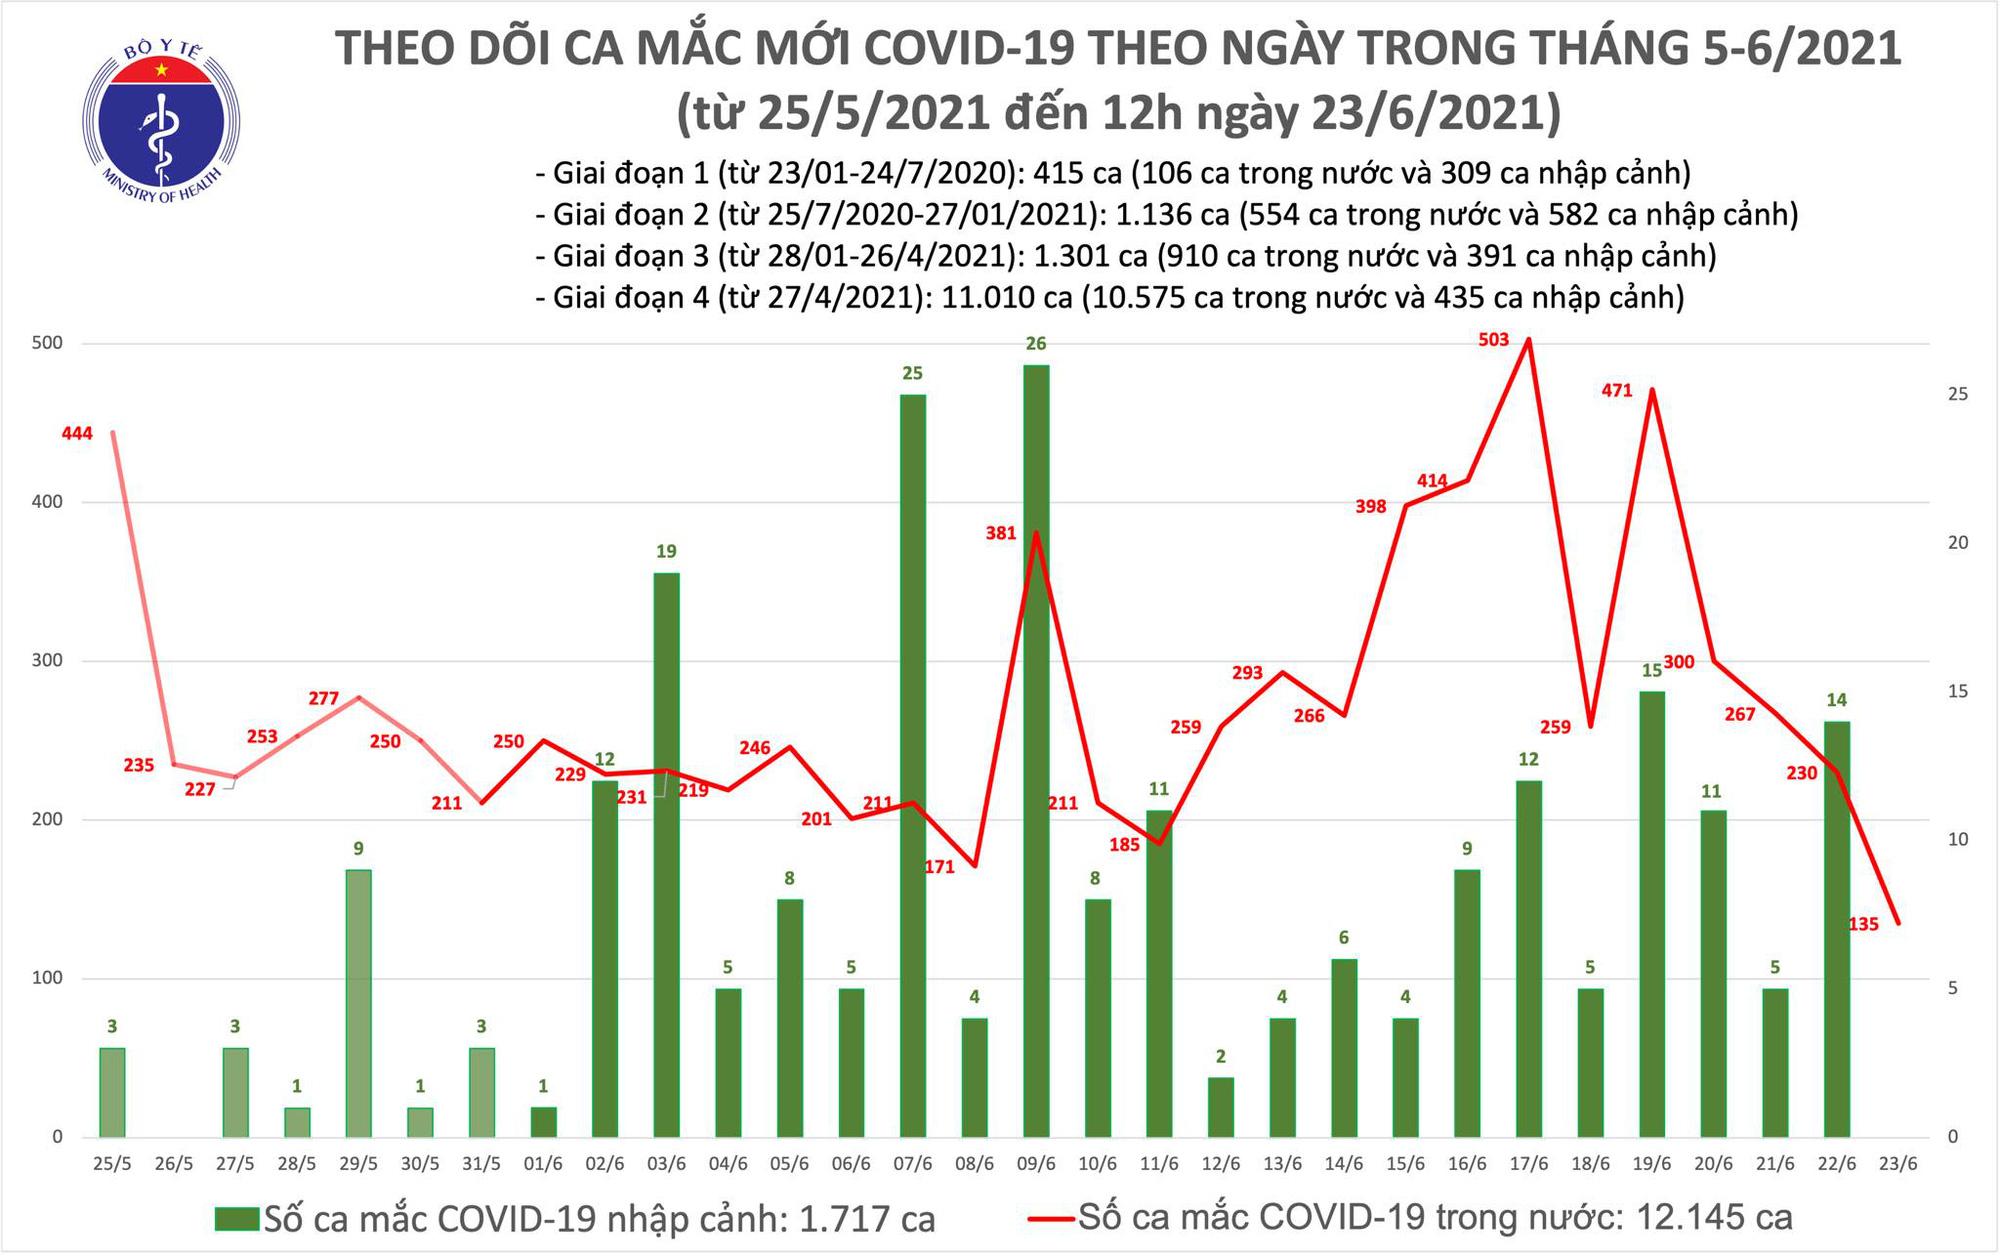 Diễn biến dịch ngày 23/6: Số ca mắc COVID-19 trong ngày tiếp tục giảm, có thêm 138 bệnh nhân ra viện  - Ảnh 14.